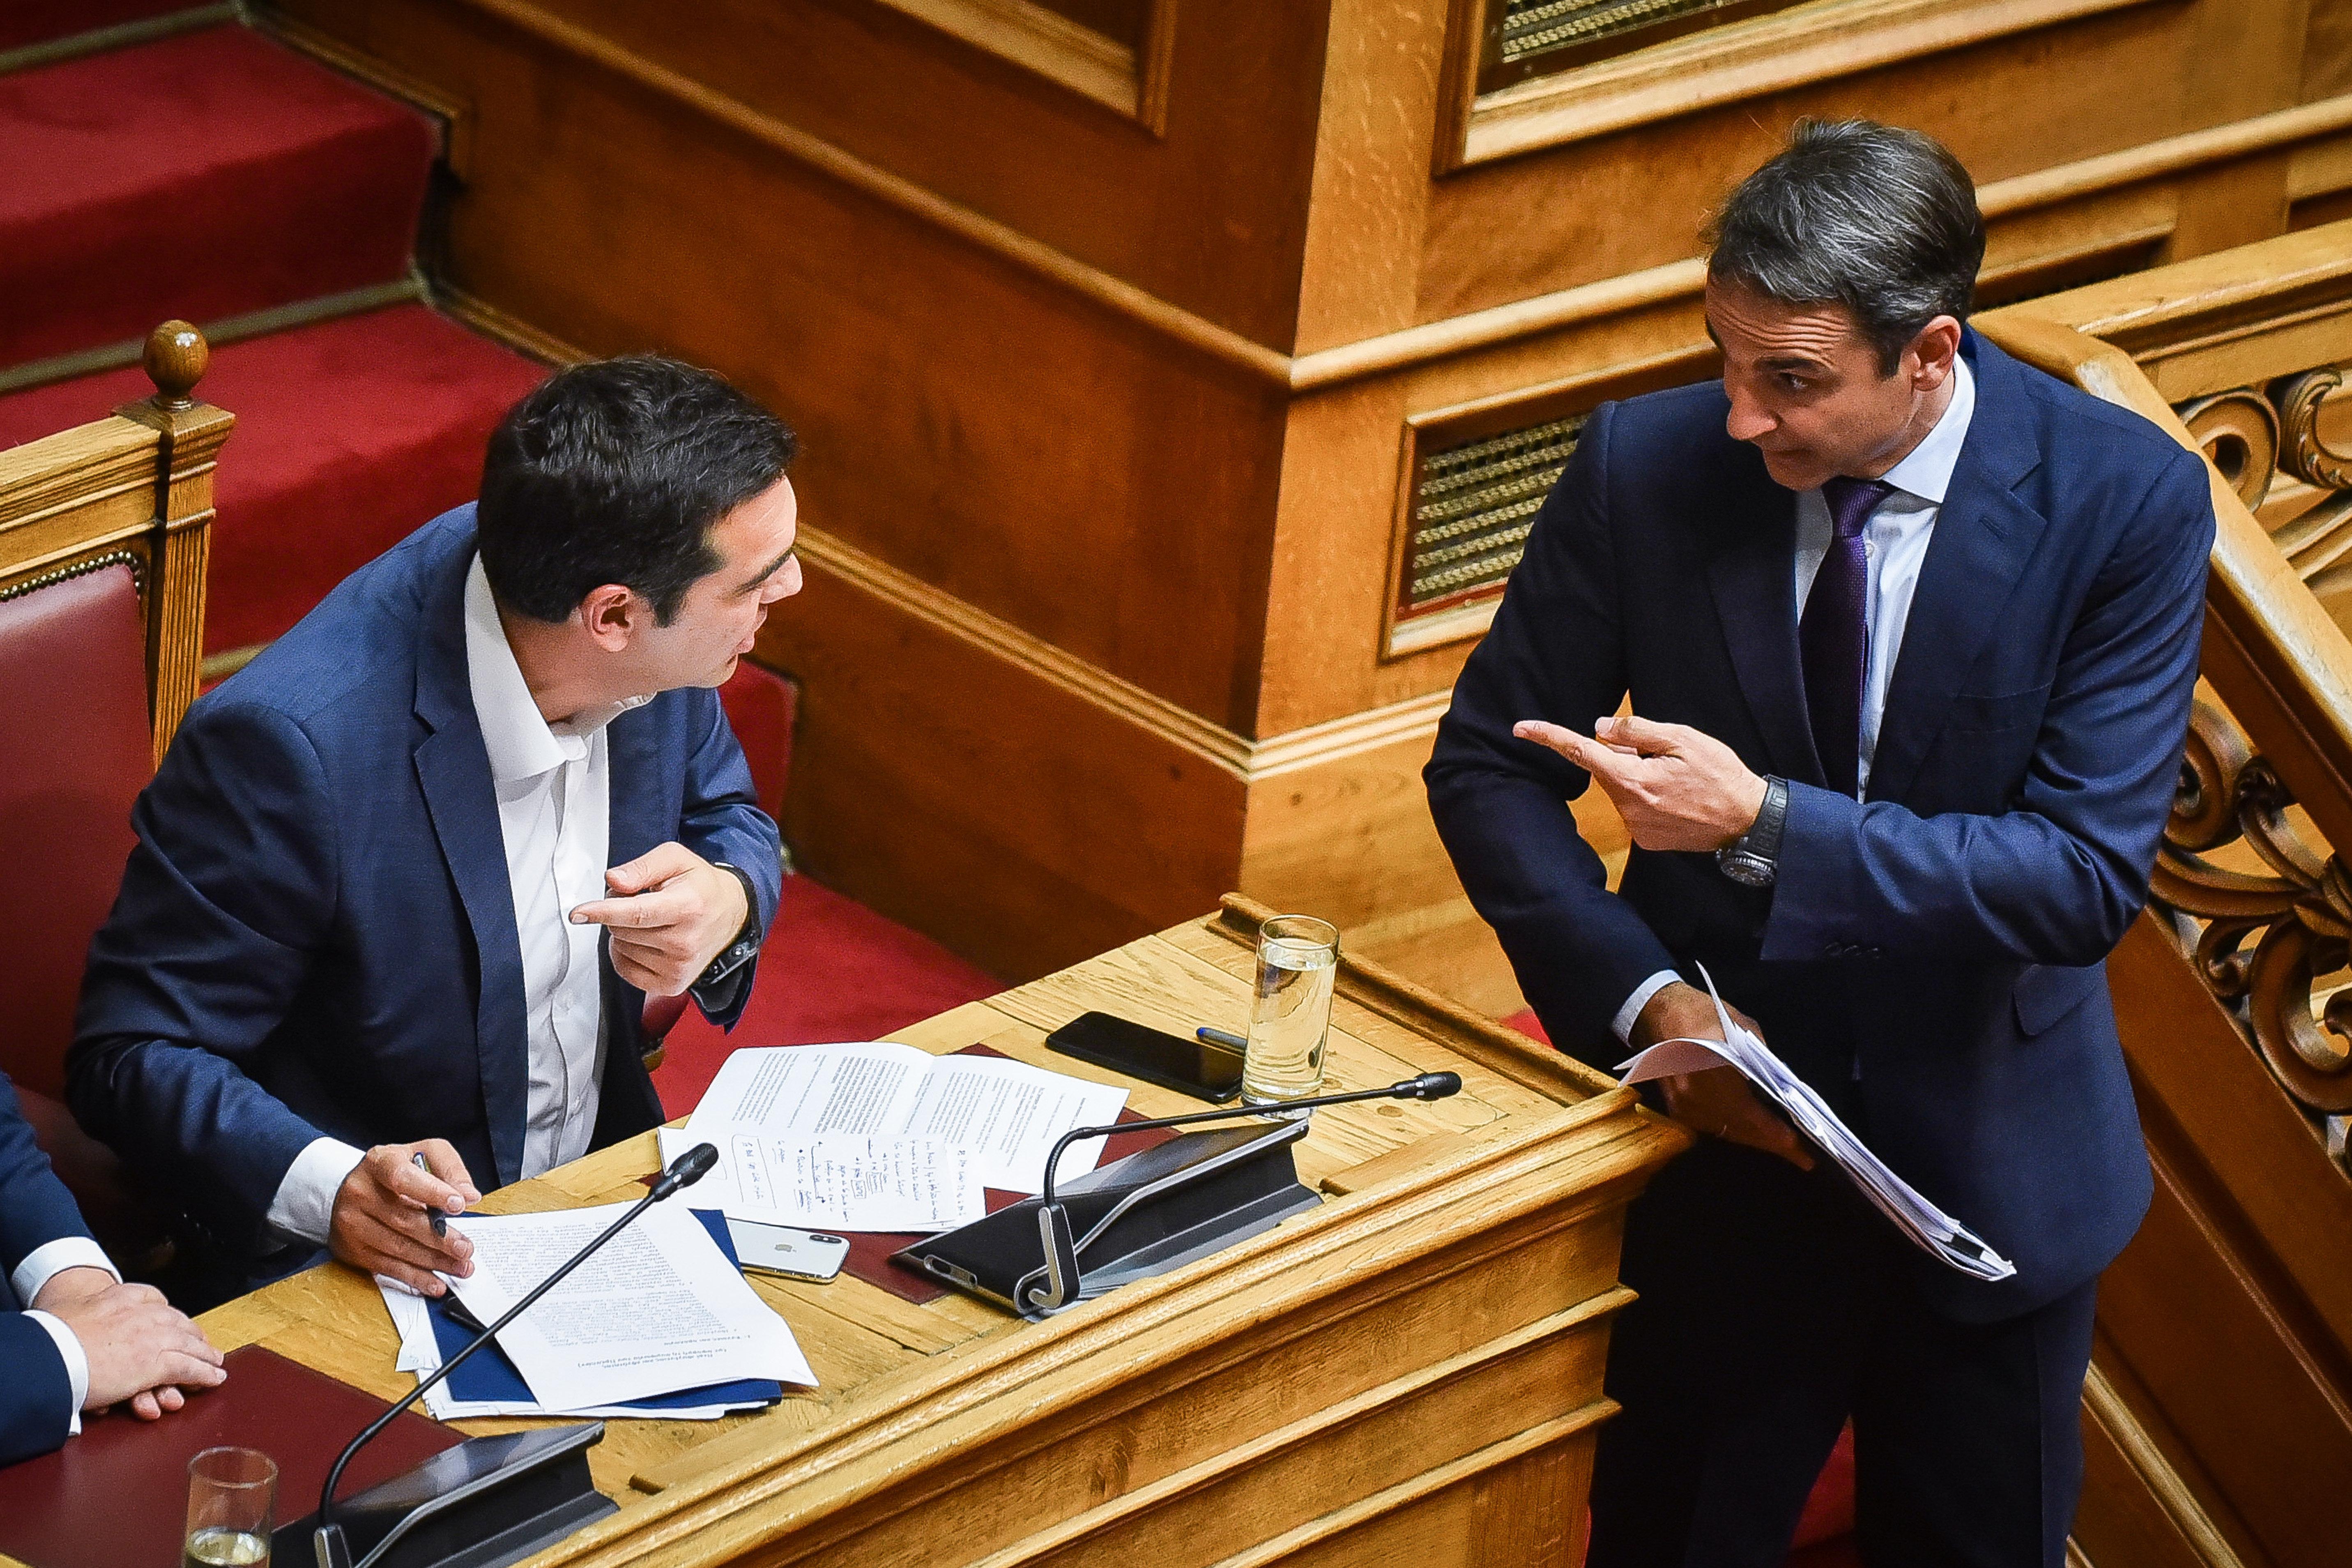 Κυβέρνηση: Και ο Κ. Μητσοτάκης παραδέχεται ότι δεν υπάρχει τέταρτο